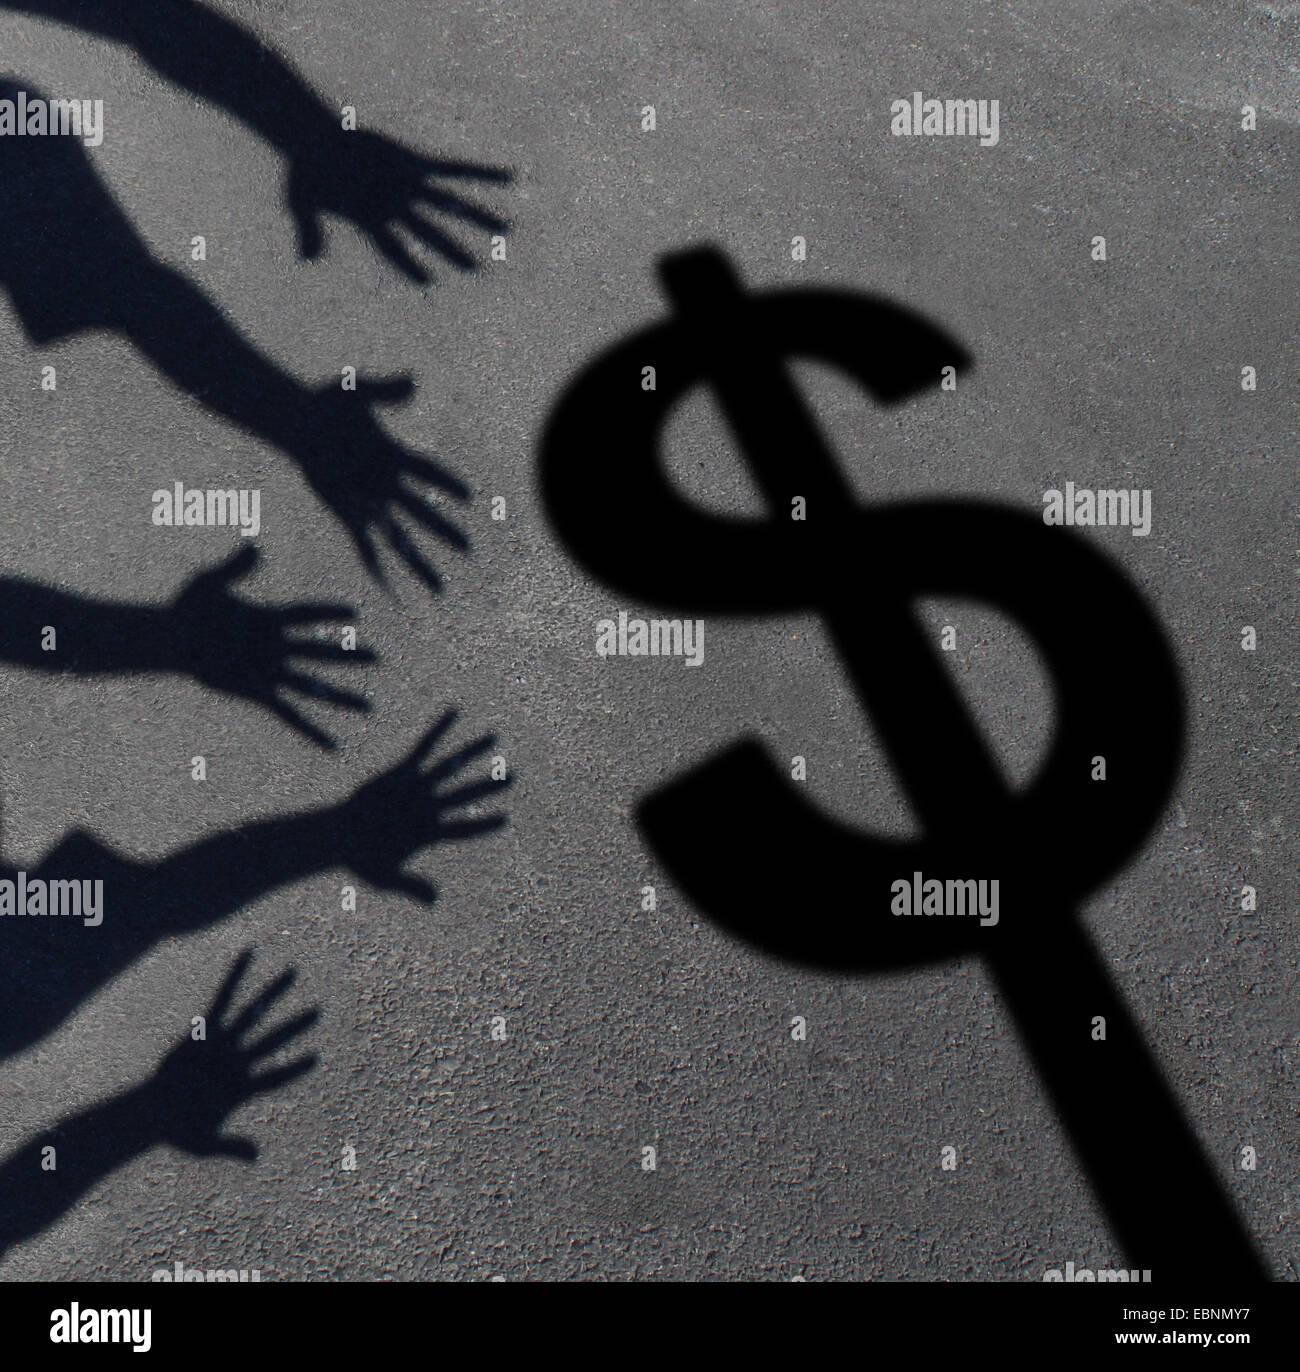 Denaro grab e avidità umana come concetto gettano ombre sul marciapiede di un gruppo di mani per raggiungere Immagini Stock